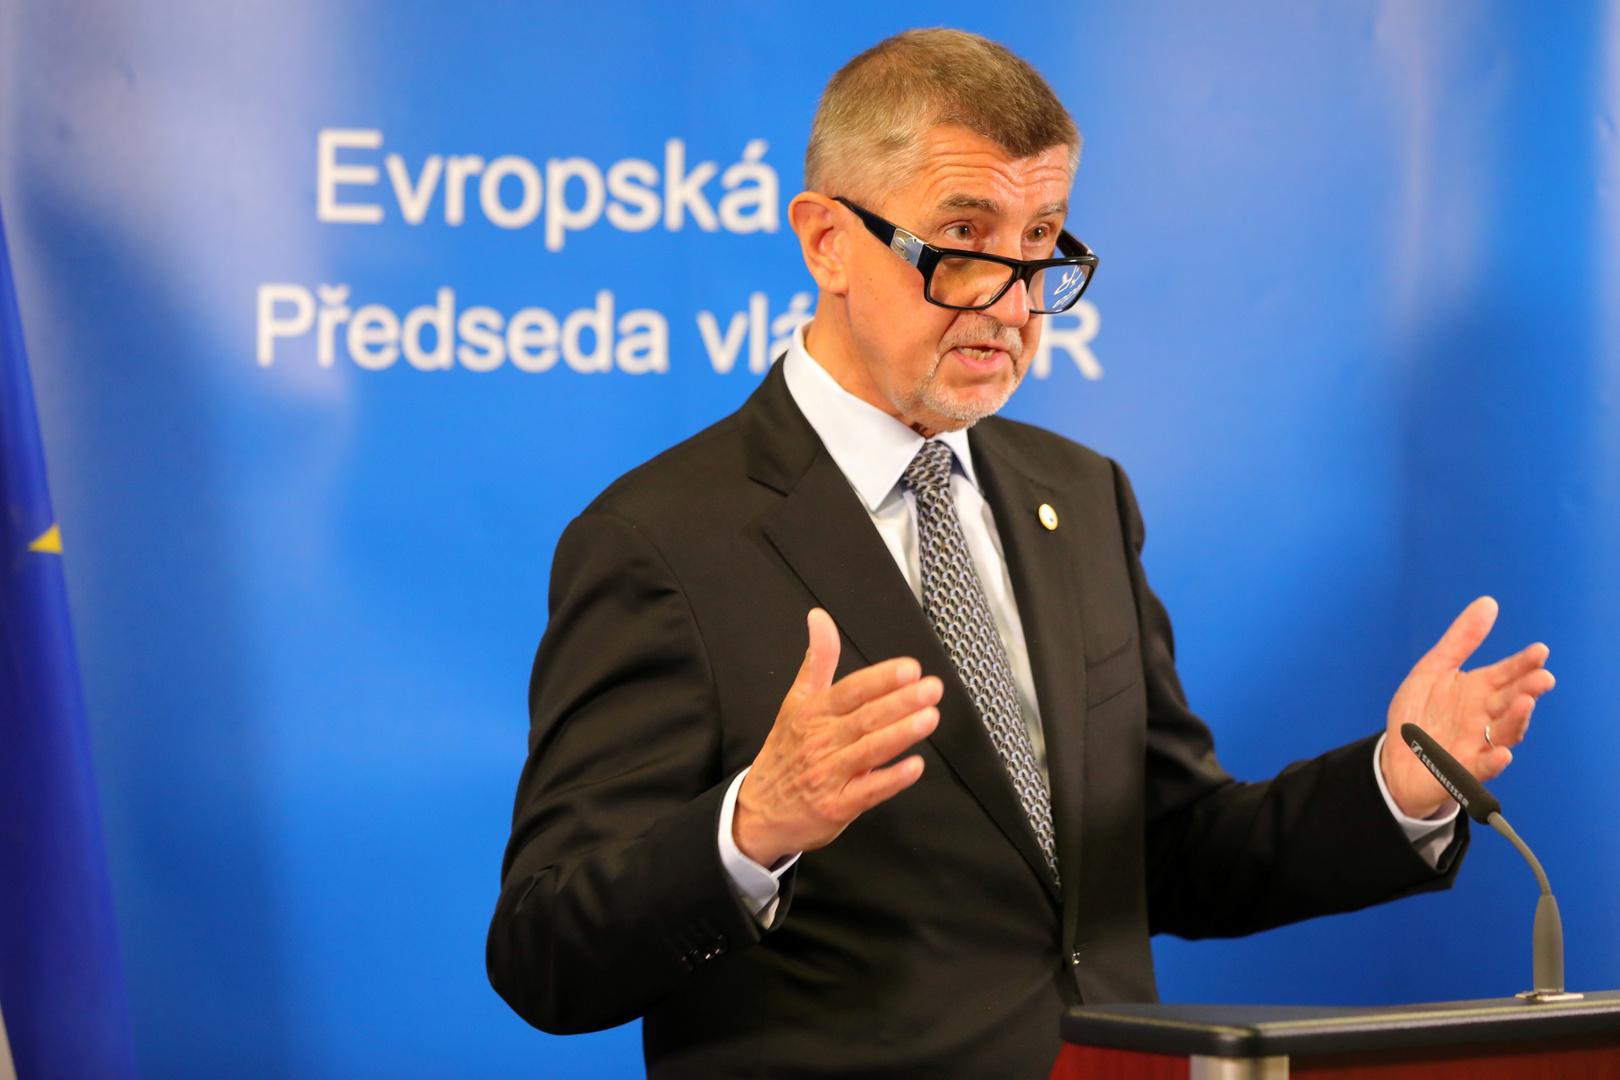 التشيك تعلن اهتمامها بترخيص الاتحاد الأوروبي